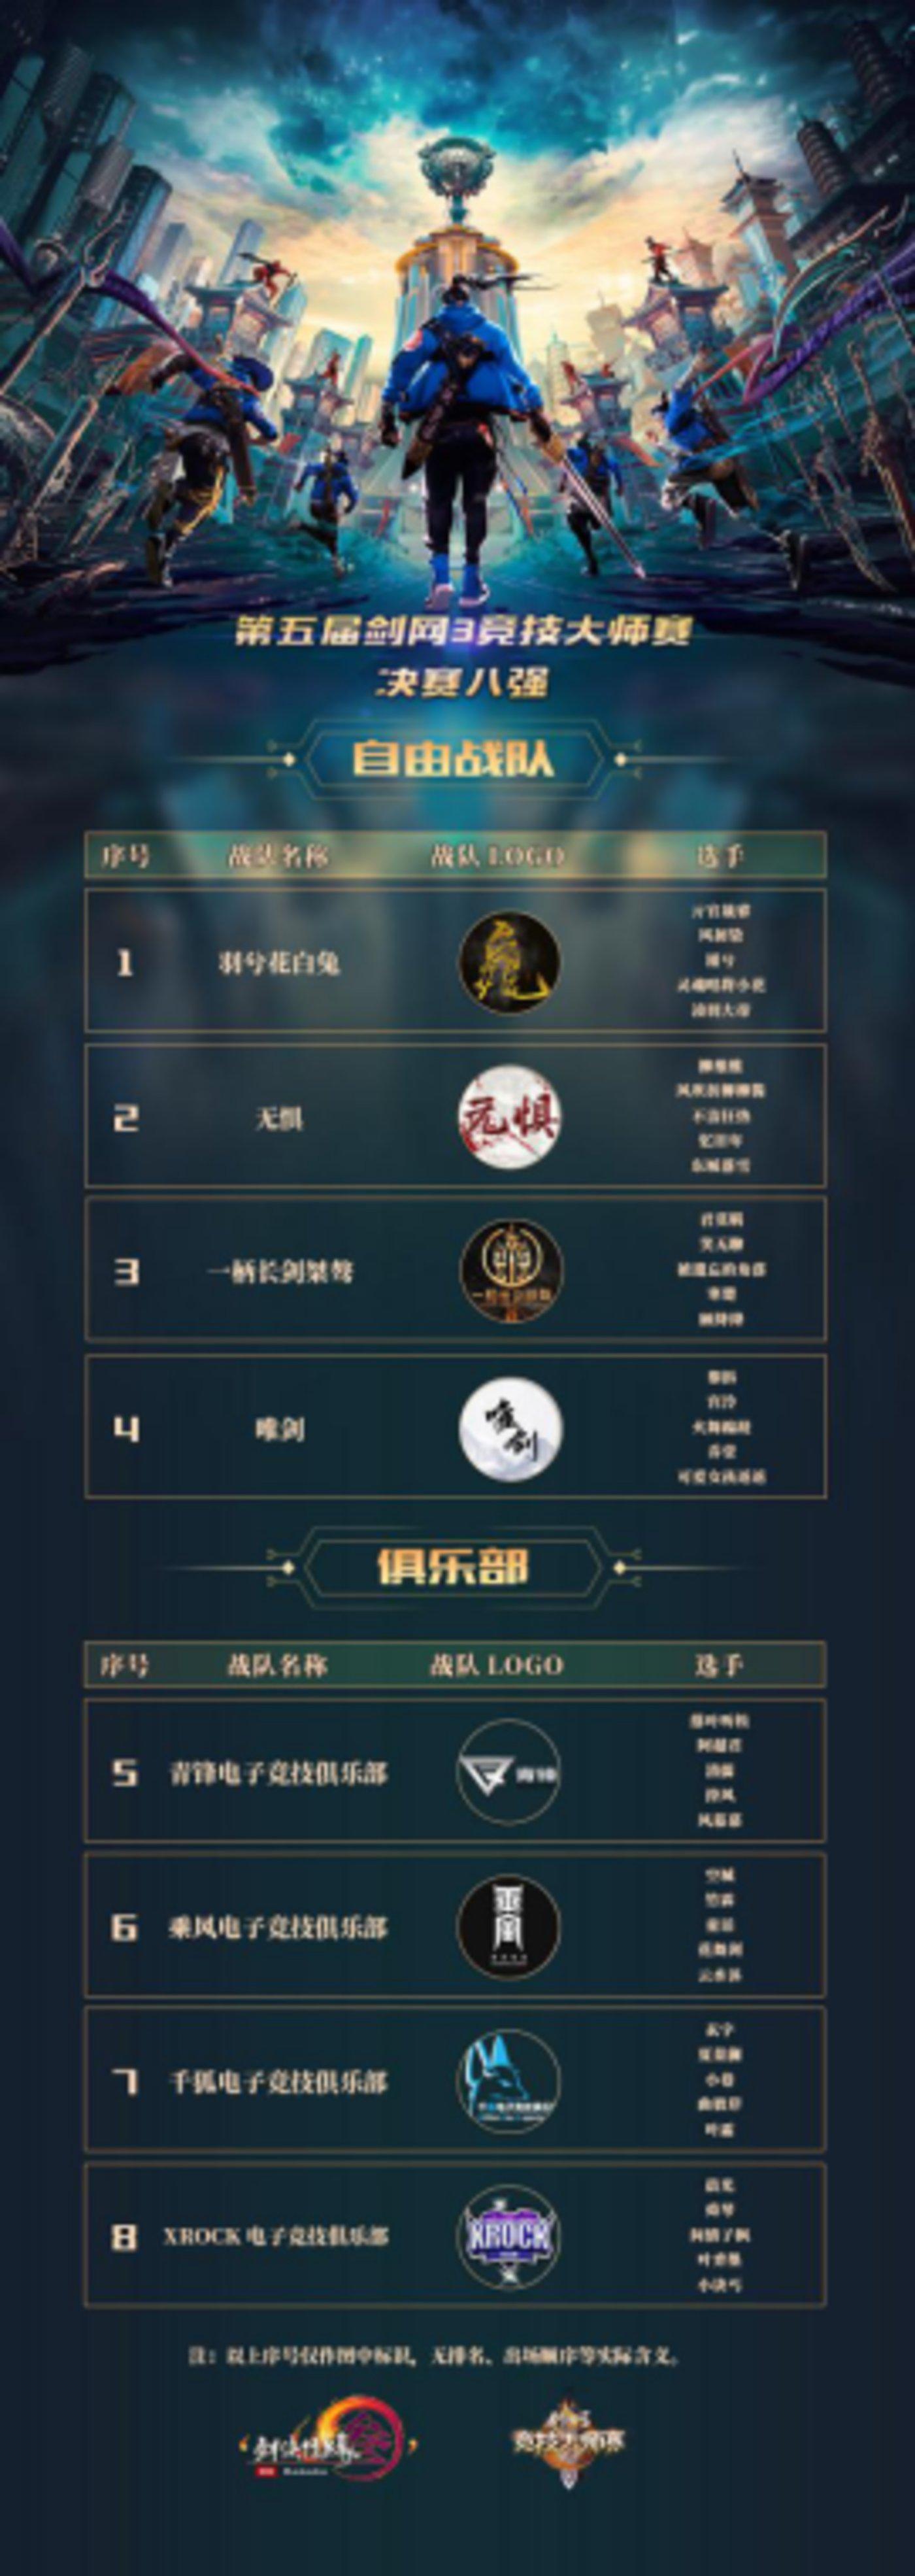 第五届大师赛八强由4支自由战队与4支俱乐部战队组成